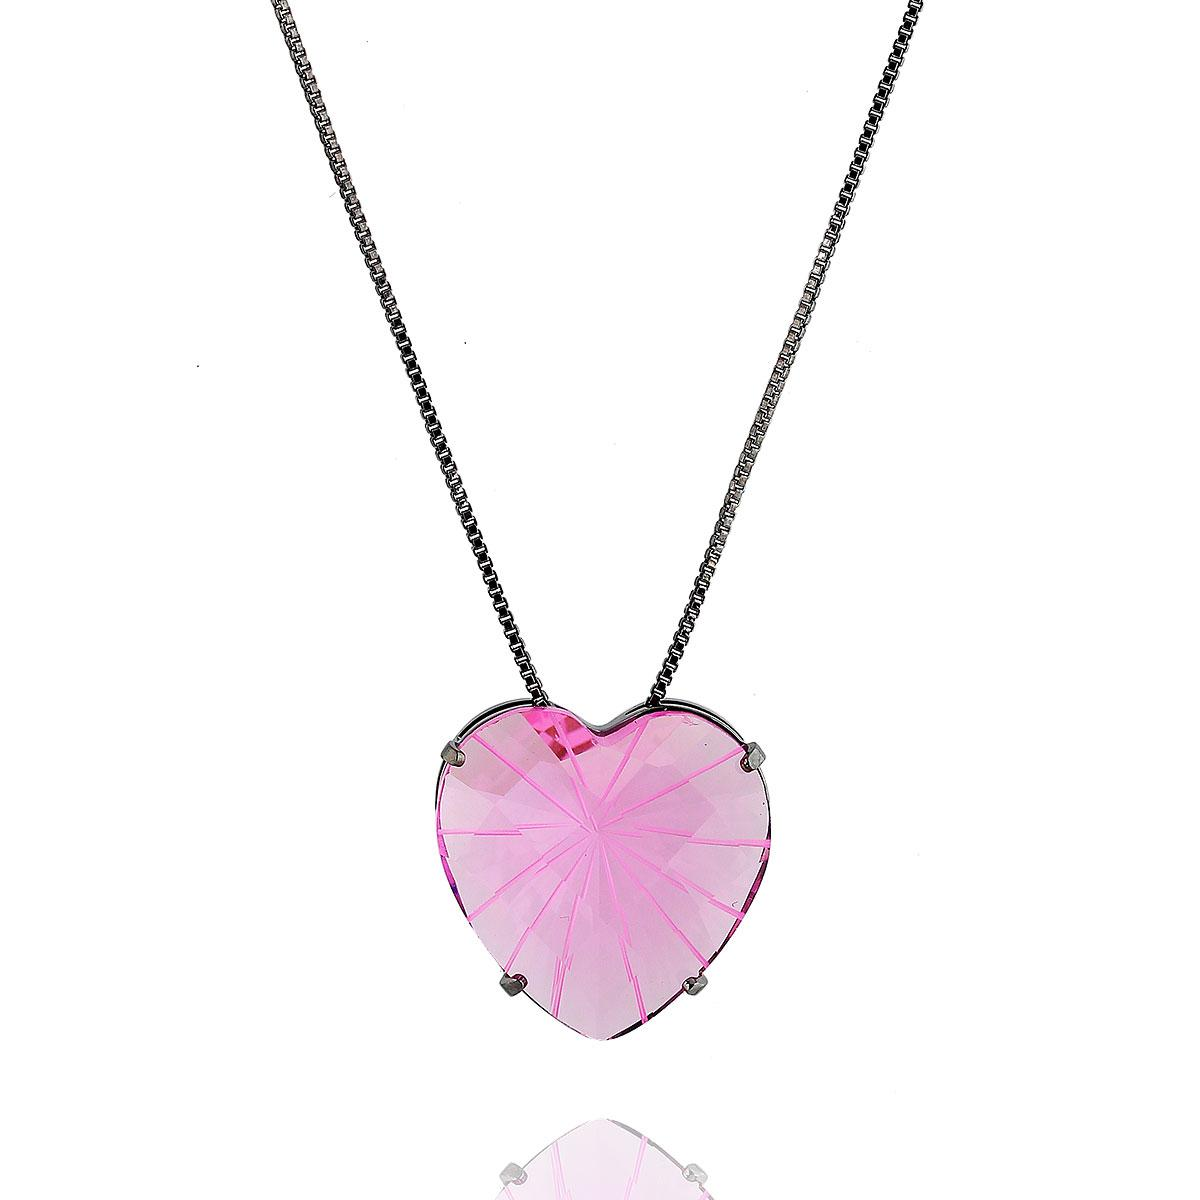 colar aurora boreal coração zircônia rosa